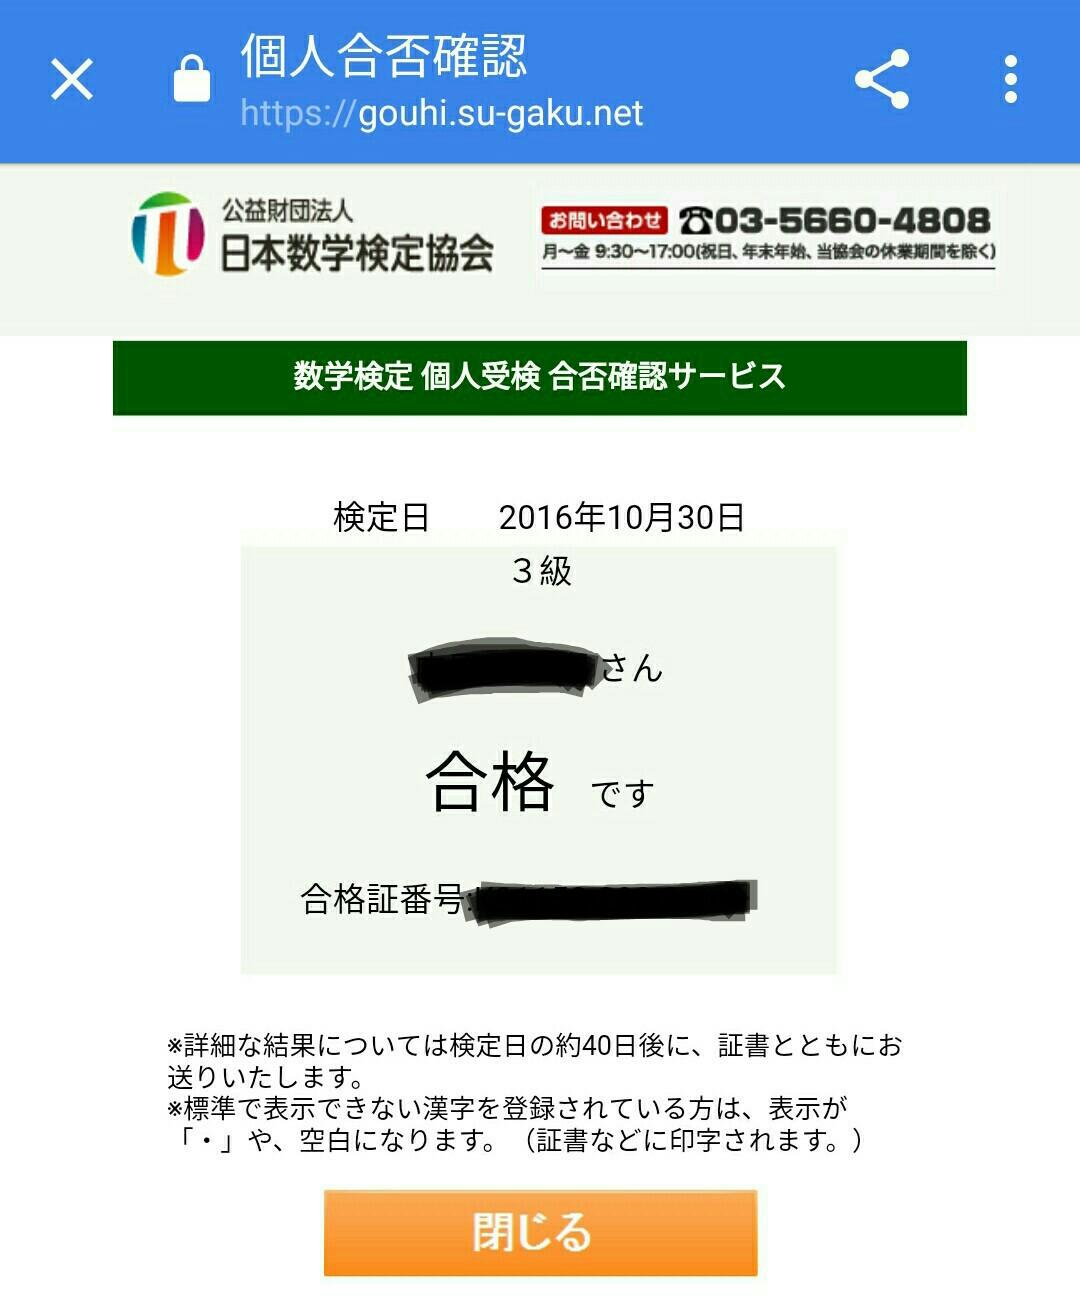 20161121164117453.jpg